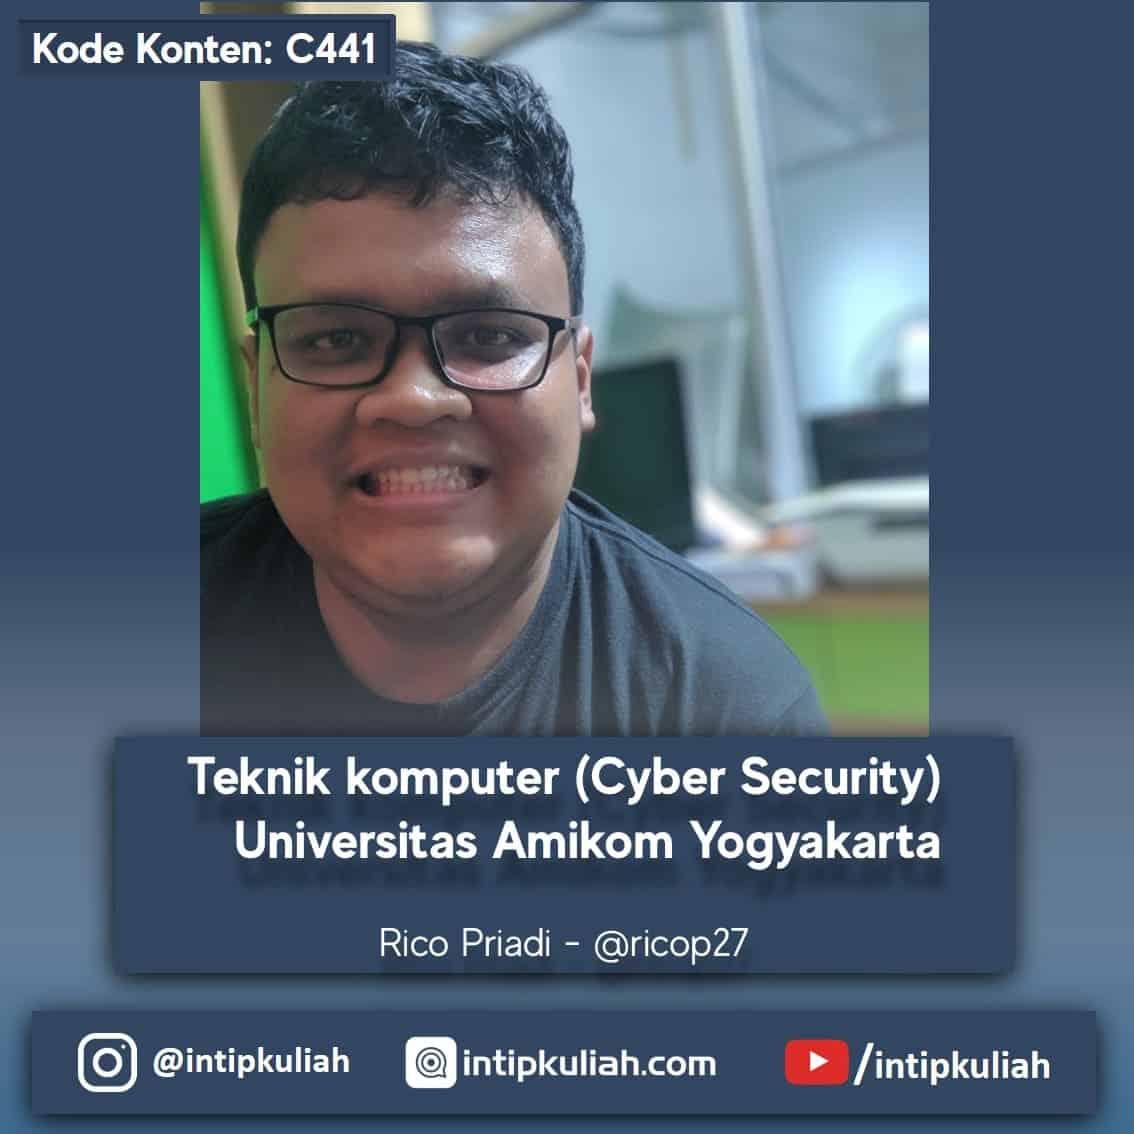 Teknik komputer (Cyber Security) Universitas Amikom (Rico)